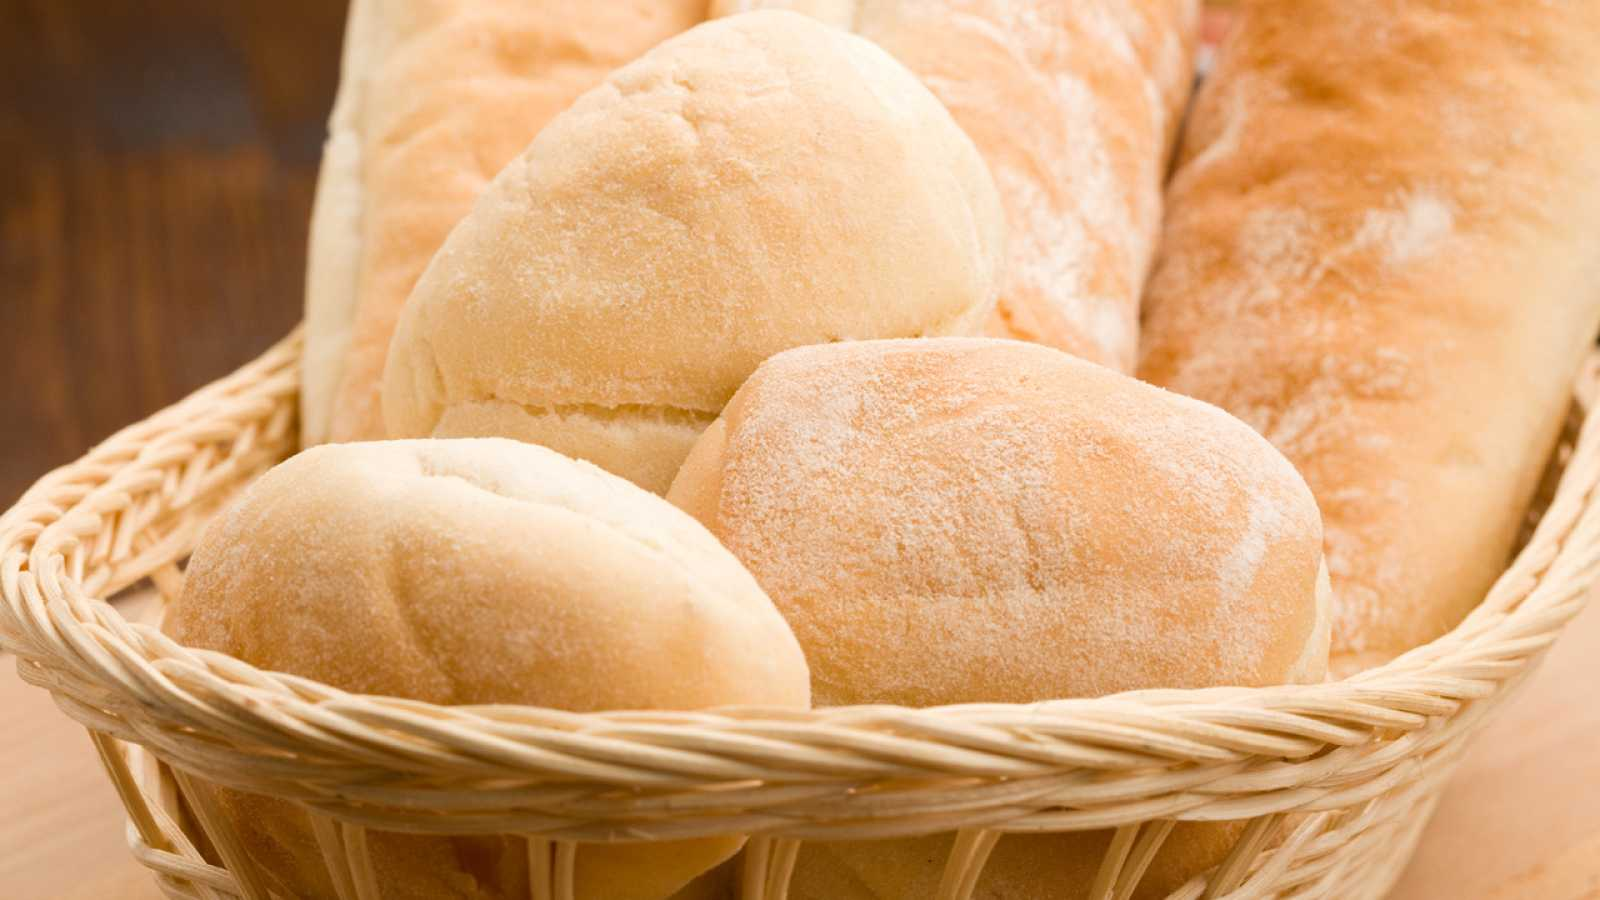 Mira los beneficios del pan y cómo hacer deliciosas recetas con él